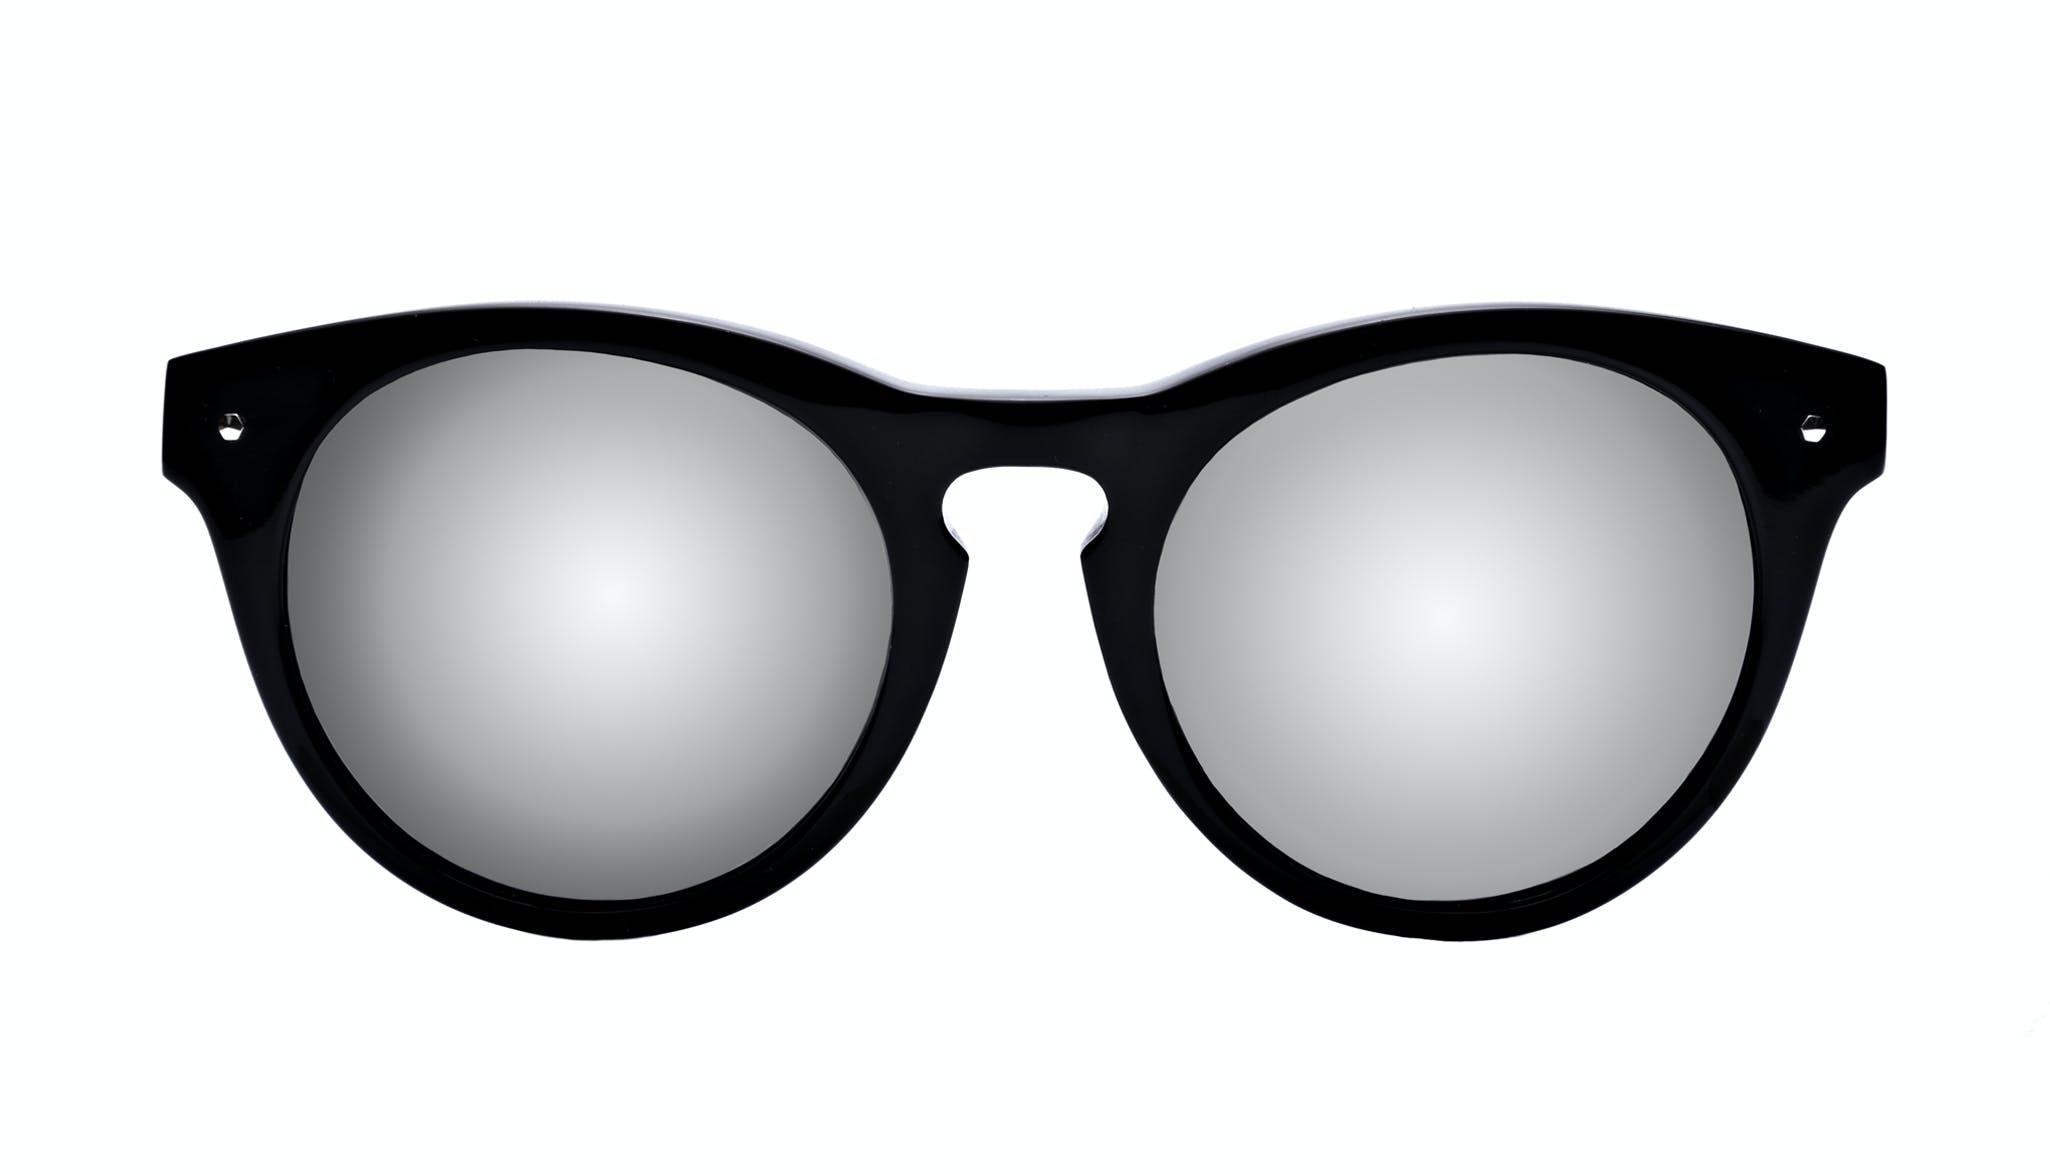 Lunettes tendance Oeil de chat Ronde Lunettes de soleil Femmes Nola Pitch Black